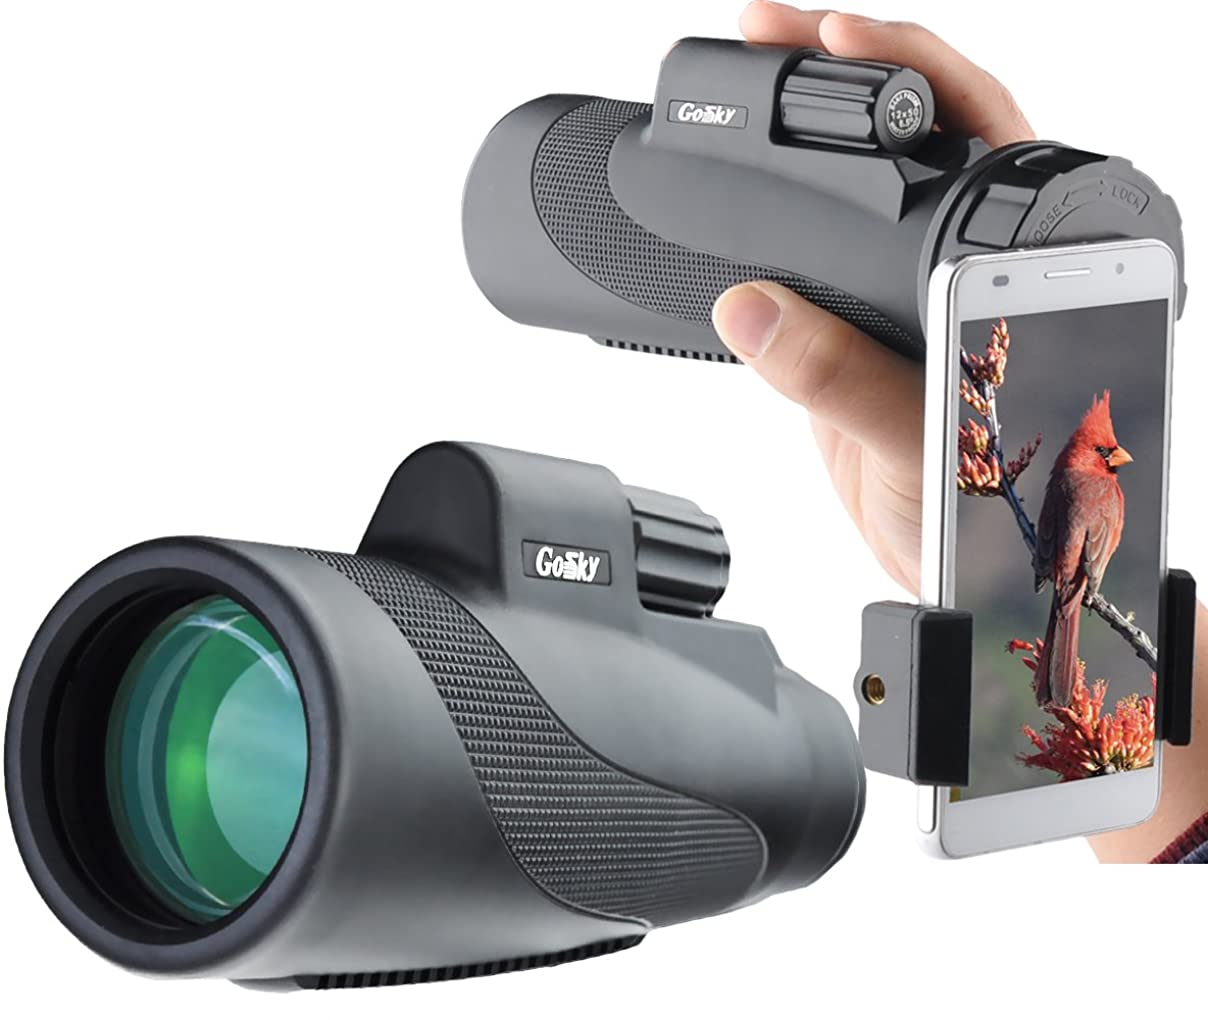 プレフィックスペイン説明Gosky  タイタン  12X50  ハイパワープリズム単眼鏡  &  クイックスマートフォンアダプター  -  防水  くもり止め  耐衝撃スコープ  -  BAK4プリズム  FMC  用途:バードウォッチング  ハンティング  キャンピング  旅行  野生動物の観察  風景